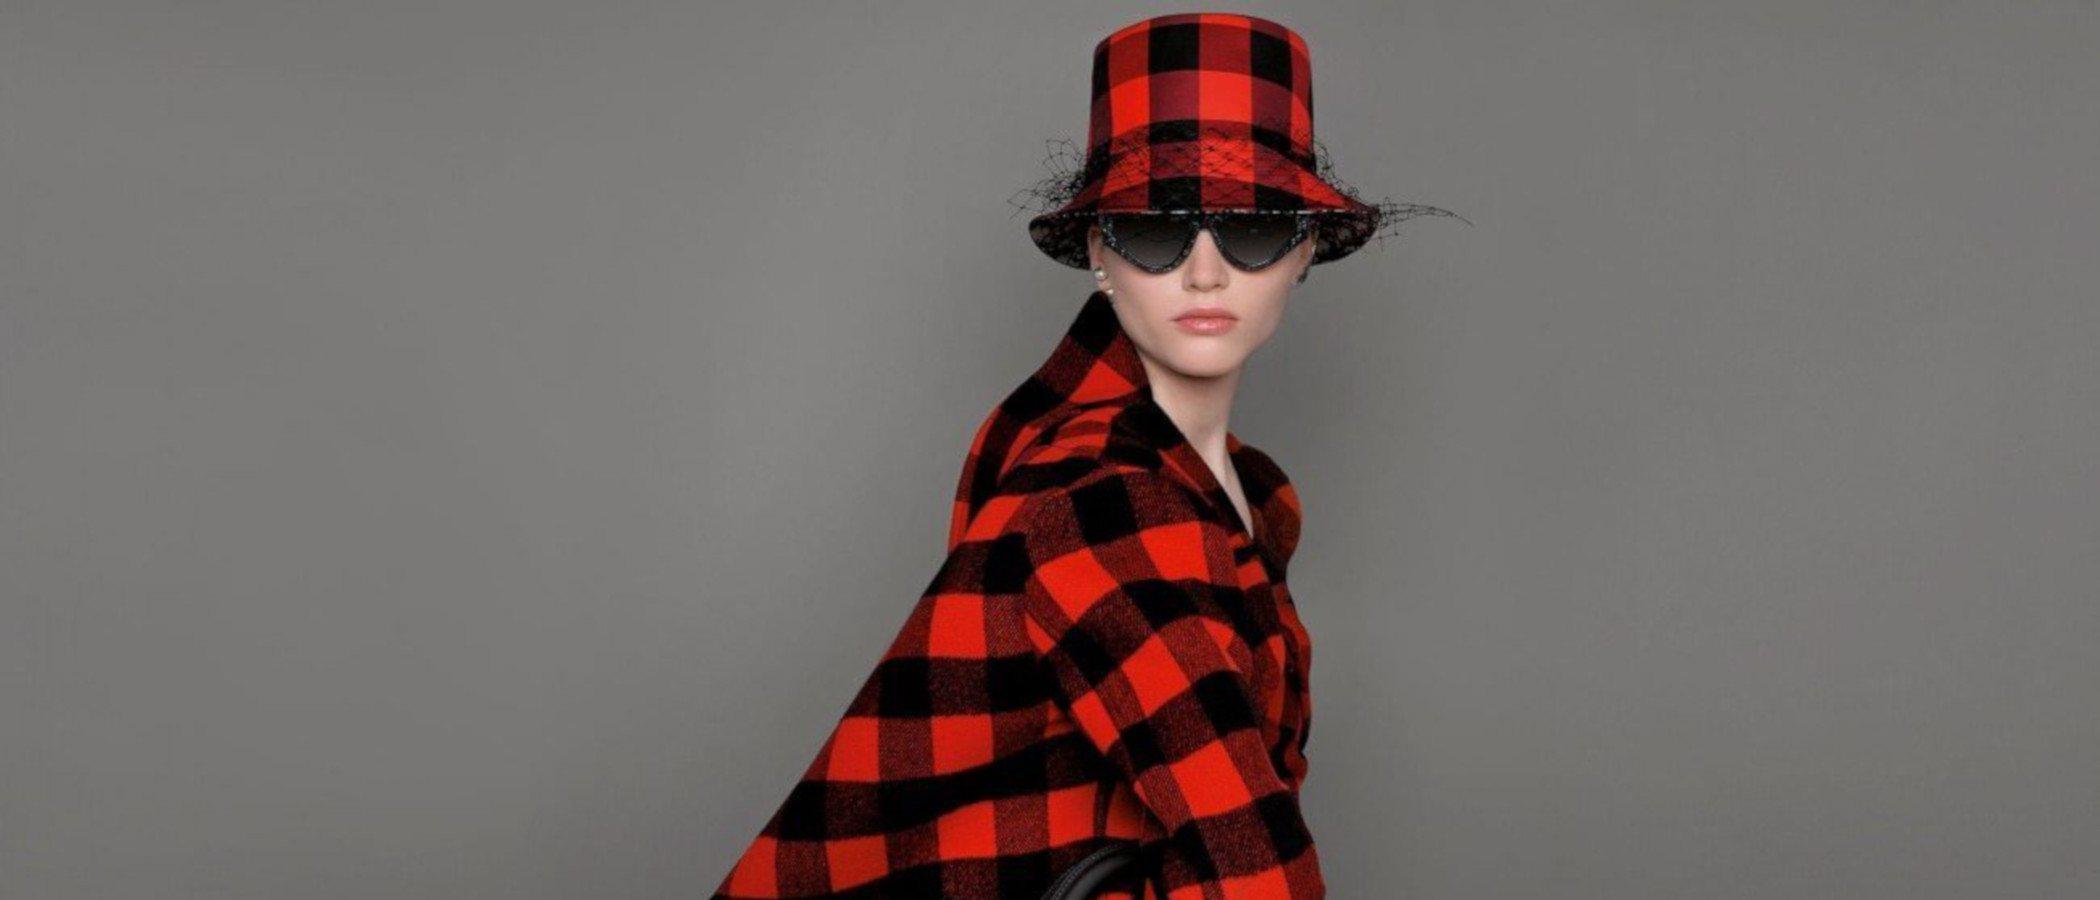 La colección prêt-à-porter otoño/invierno 19/20 de Dior refleja el lado más rebelde de la mujer